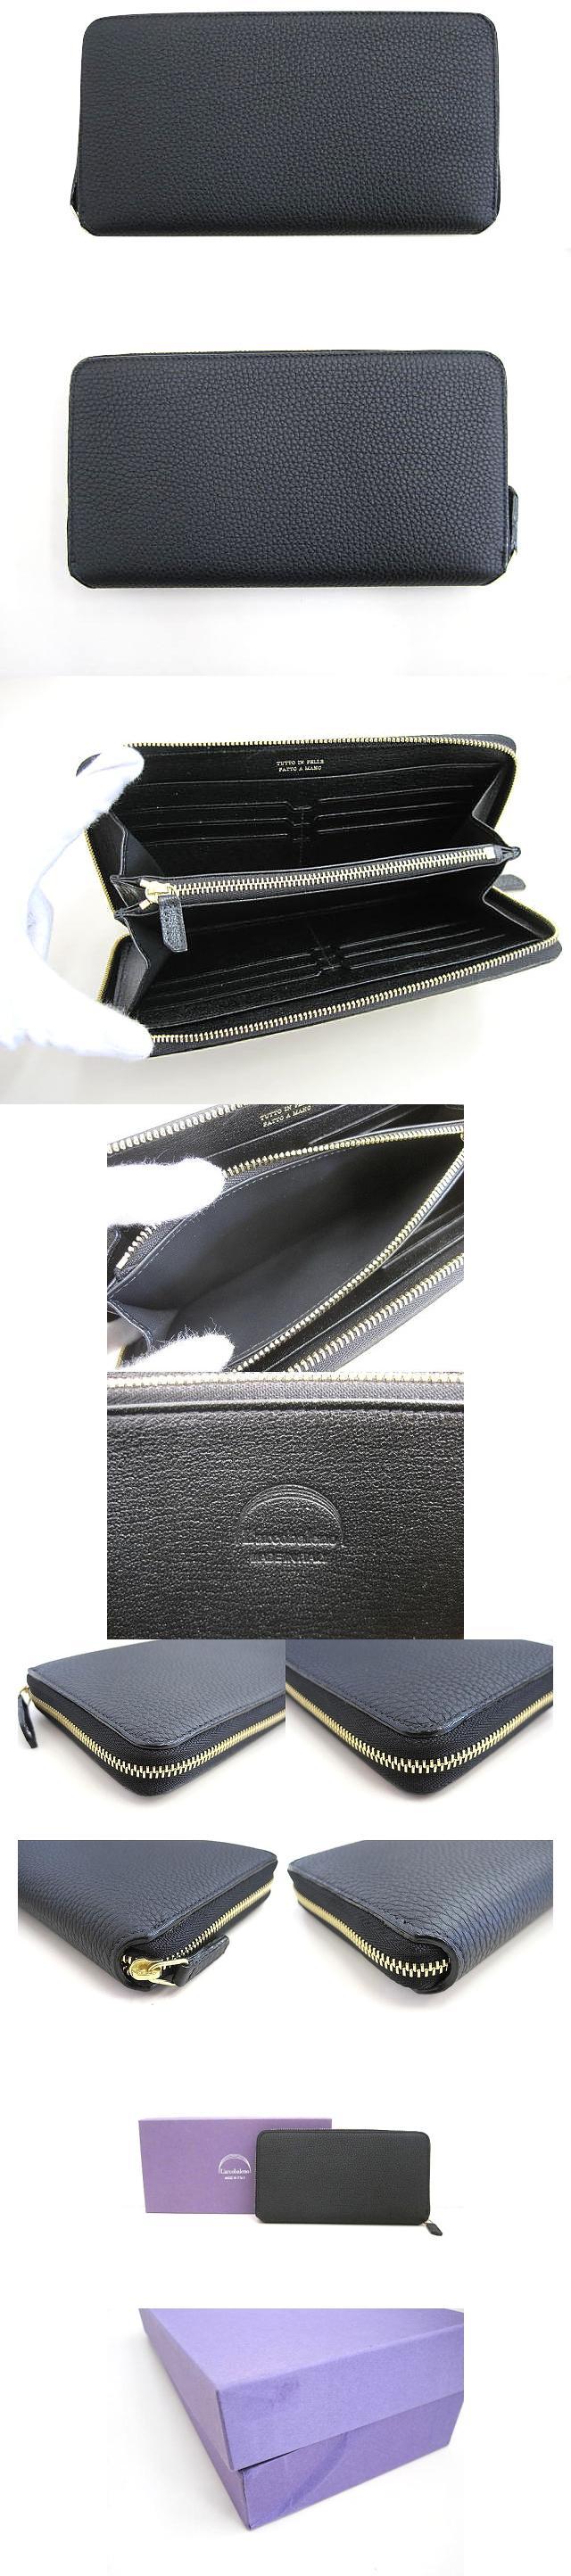 ラルコバレーノ L'arcobaleno ラウンドジップ 長財布 ブラック 黒 レザー ウォレット 箱付 極美品